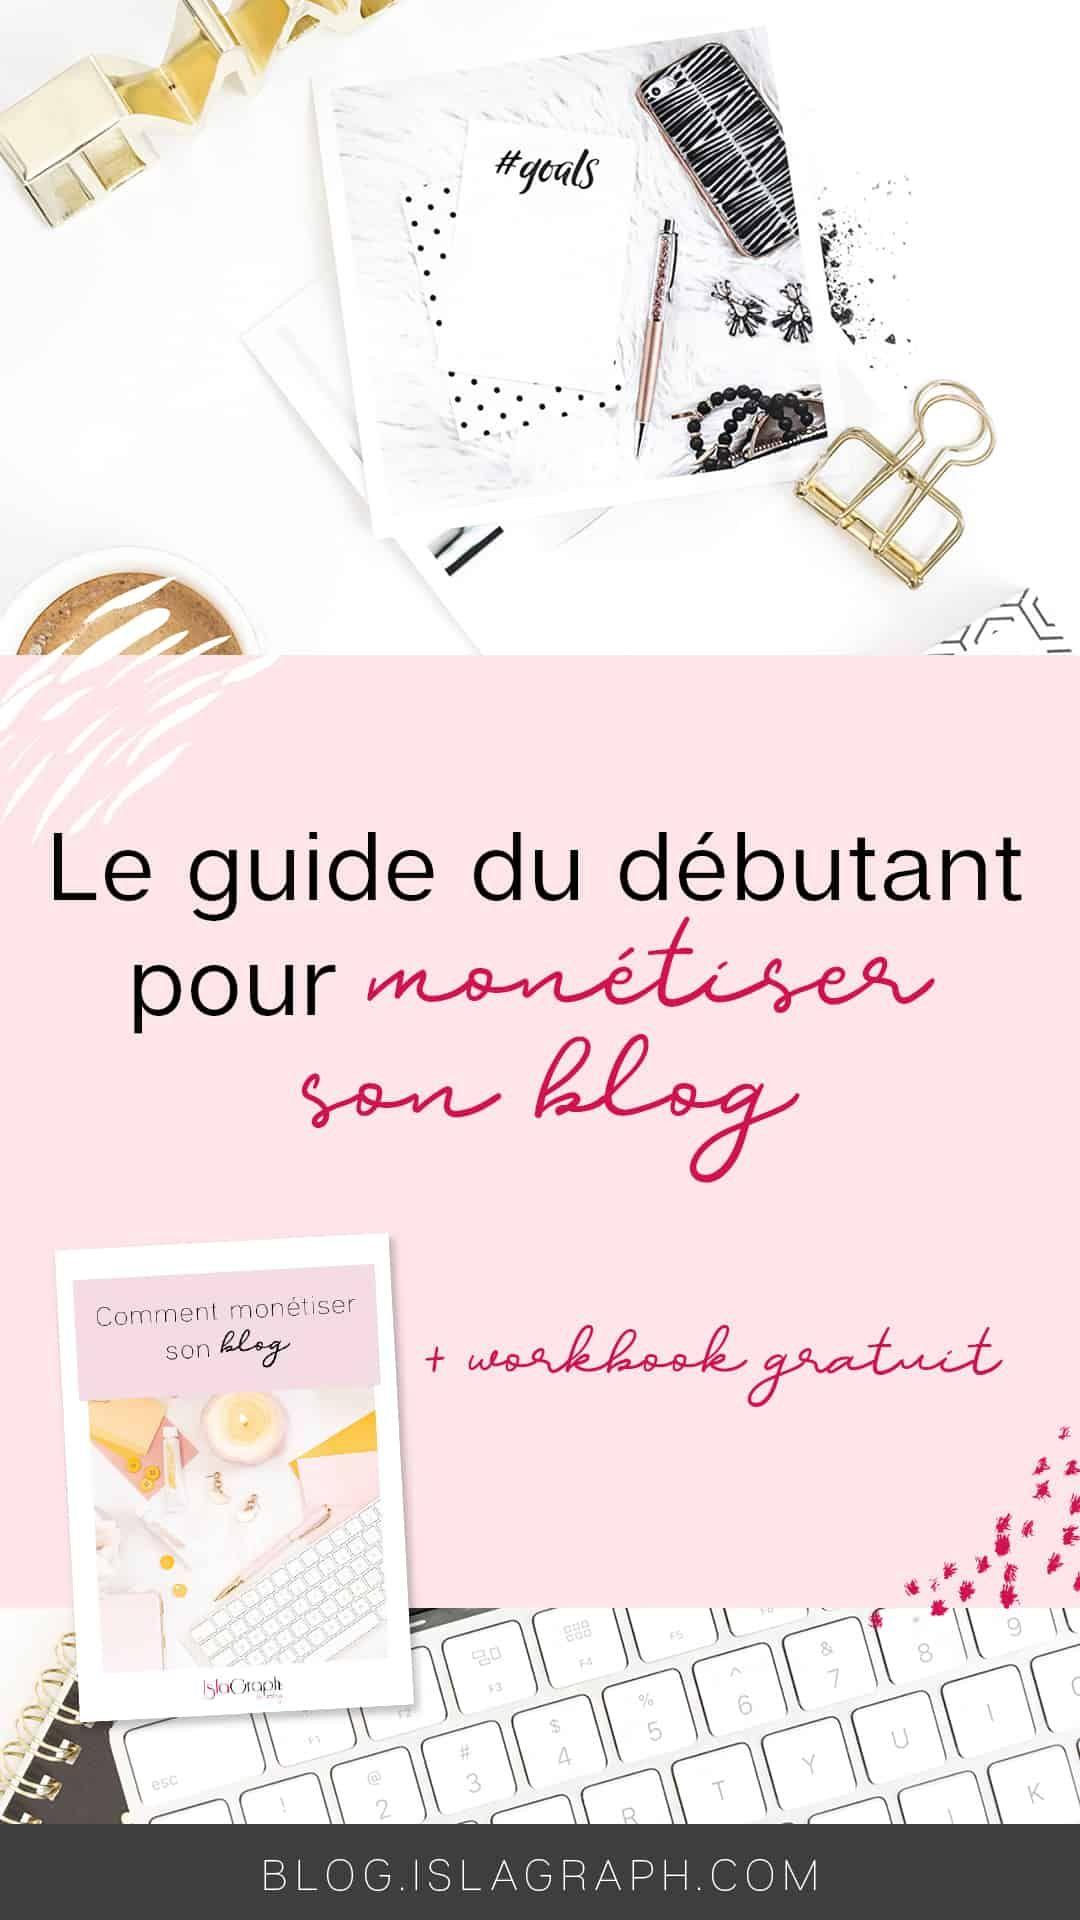 le guide du d u00e9butant pour mon u00e9tiser son blog